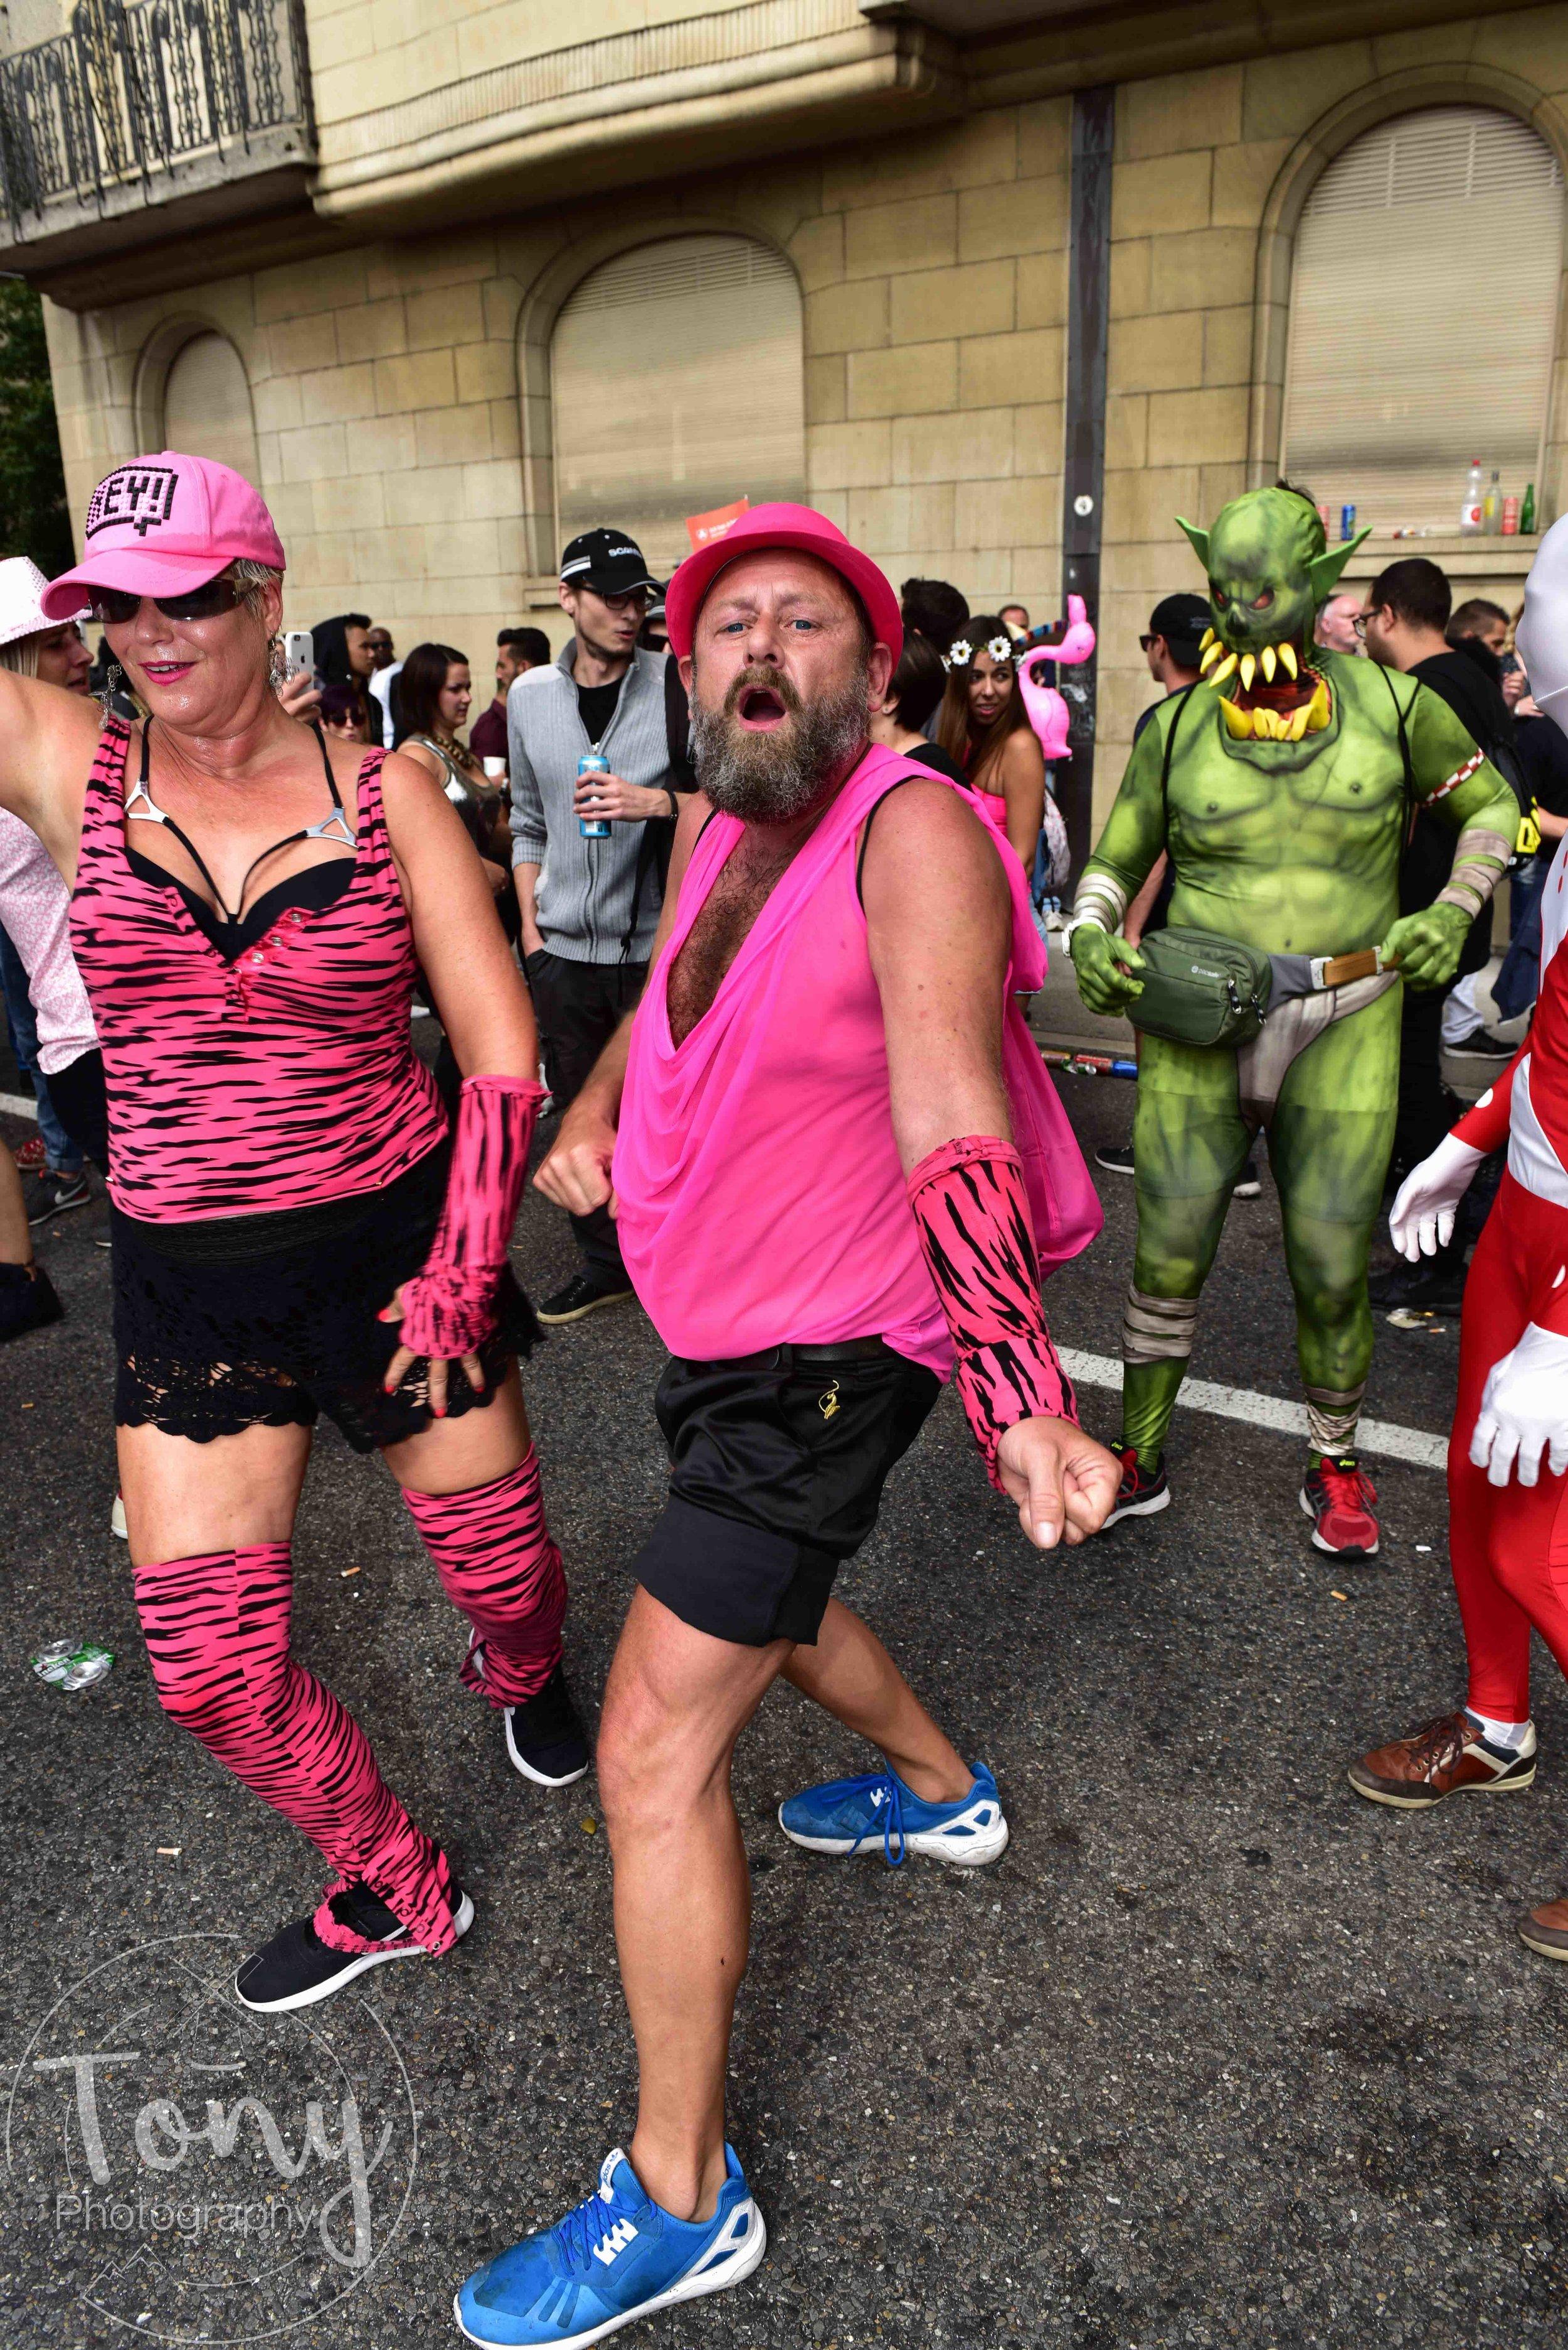 streetparade-148.jpg